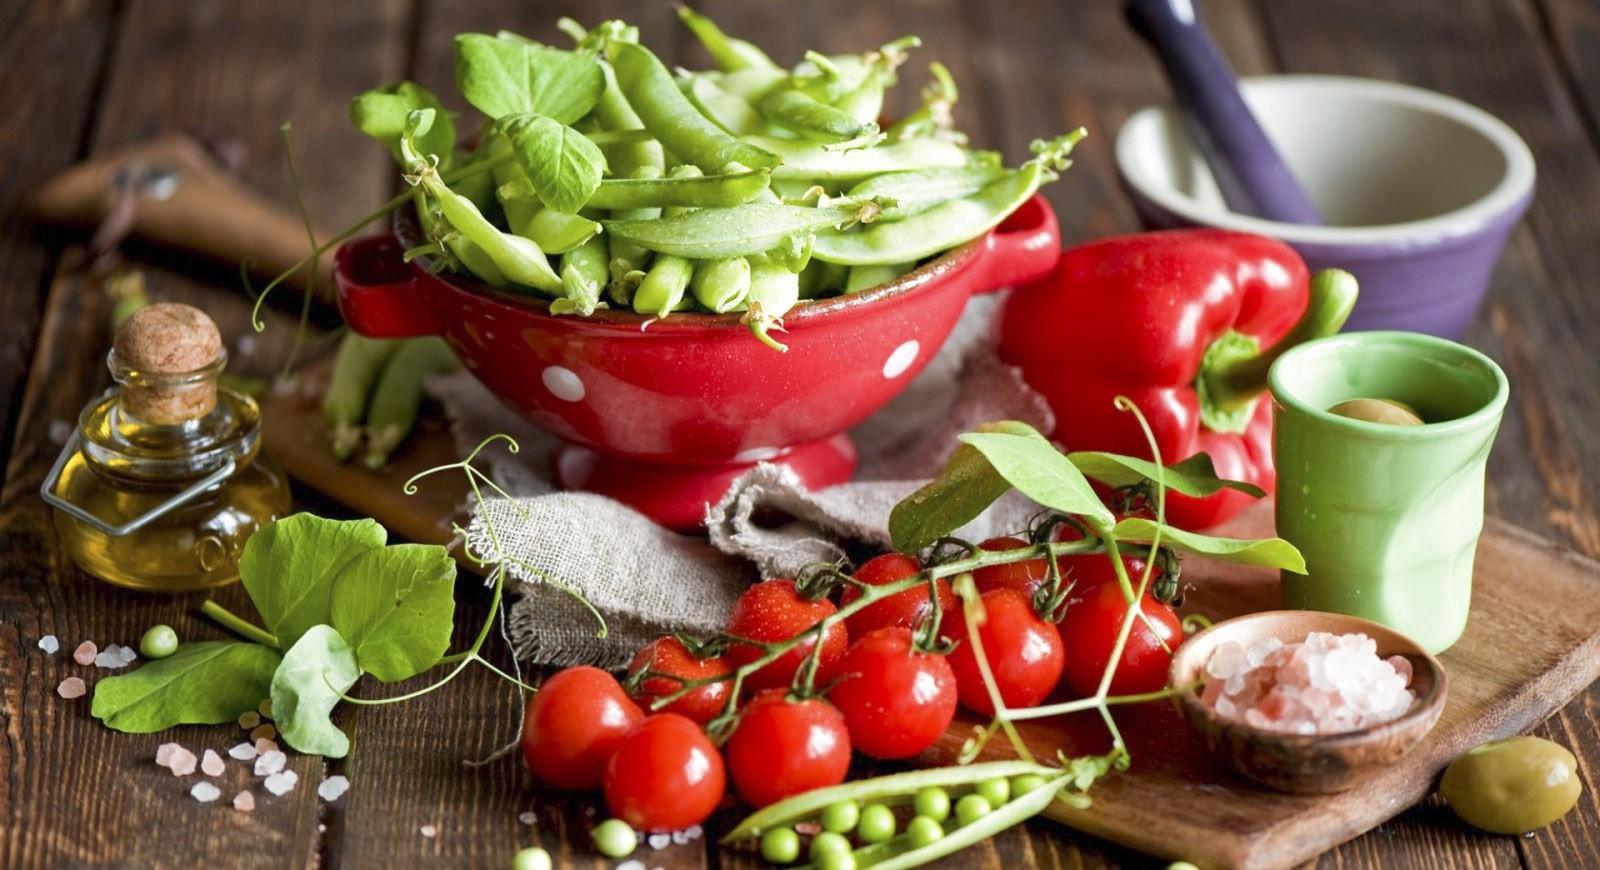 Người gầy hay béo cũng cần biết những thói quen giúp tăng cường trao đổi chất sau-5